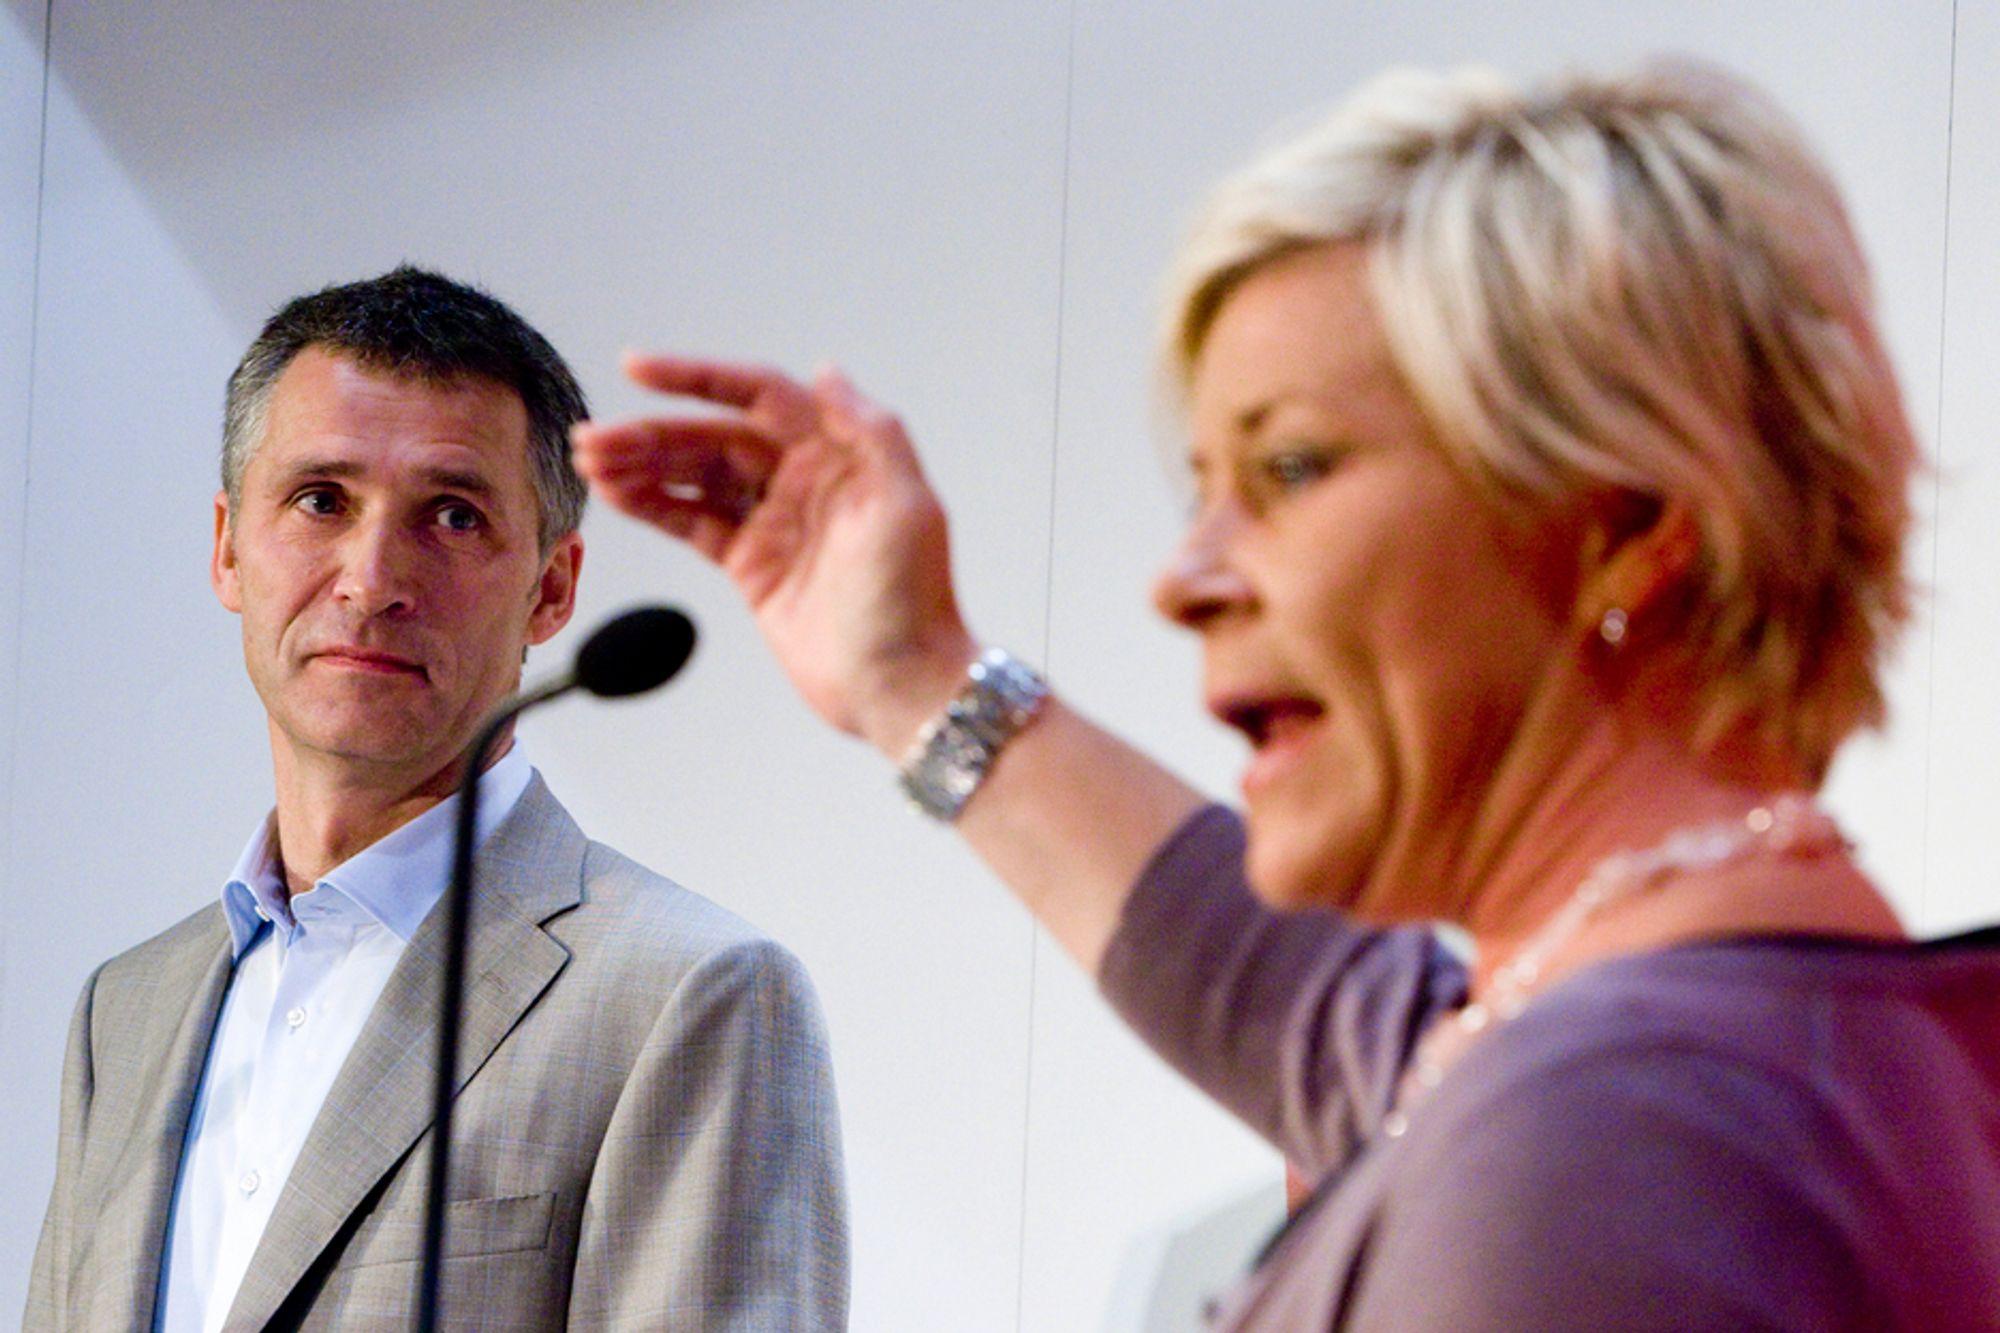 Fremskrittspartileder Siv Jensen samler alle sine stortingsrepresentanter når det skal stemmes over biodrivstoff-avgiften neste torsdag. Hun håper to overhoppere vil ødelegge for statsminister Jens Stoltenberg.